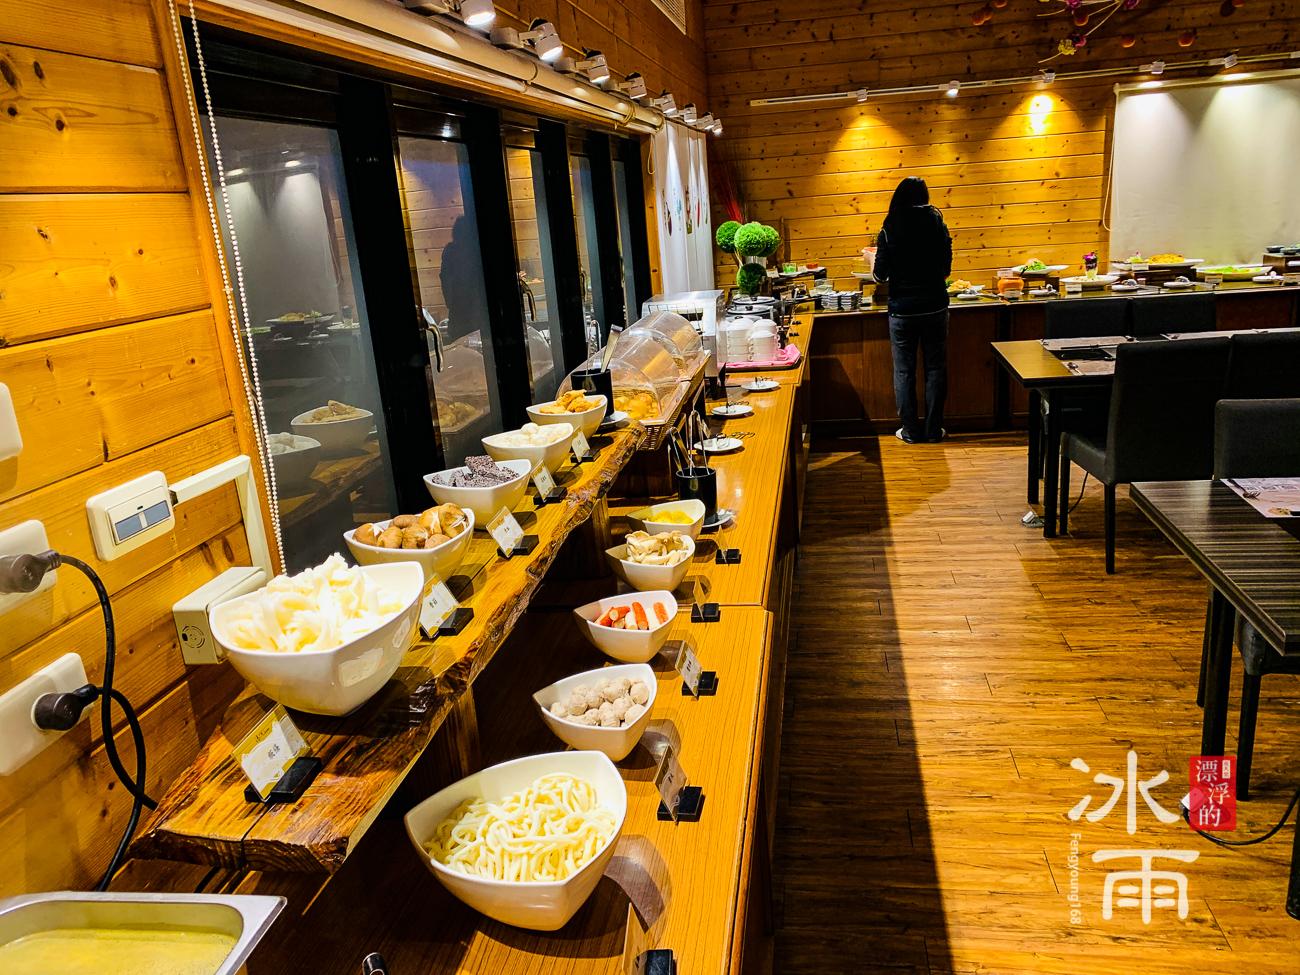 泰安湯悅溫泉會館|餐廳餐台